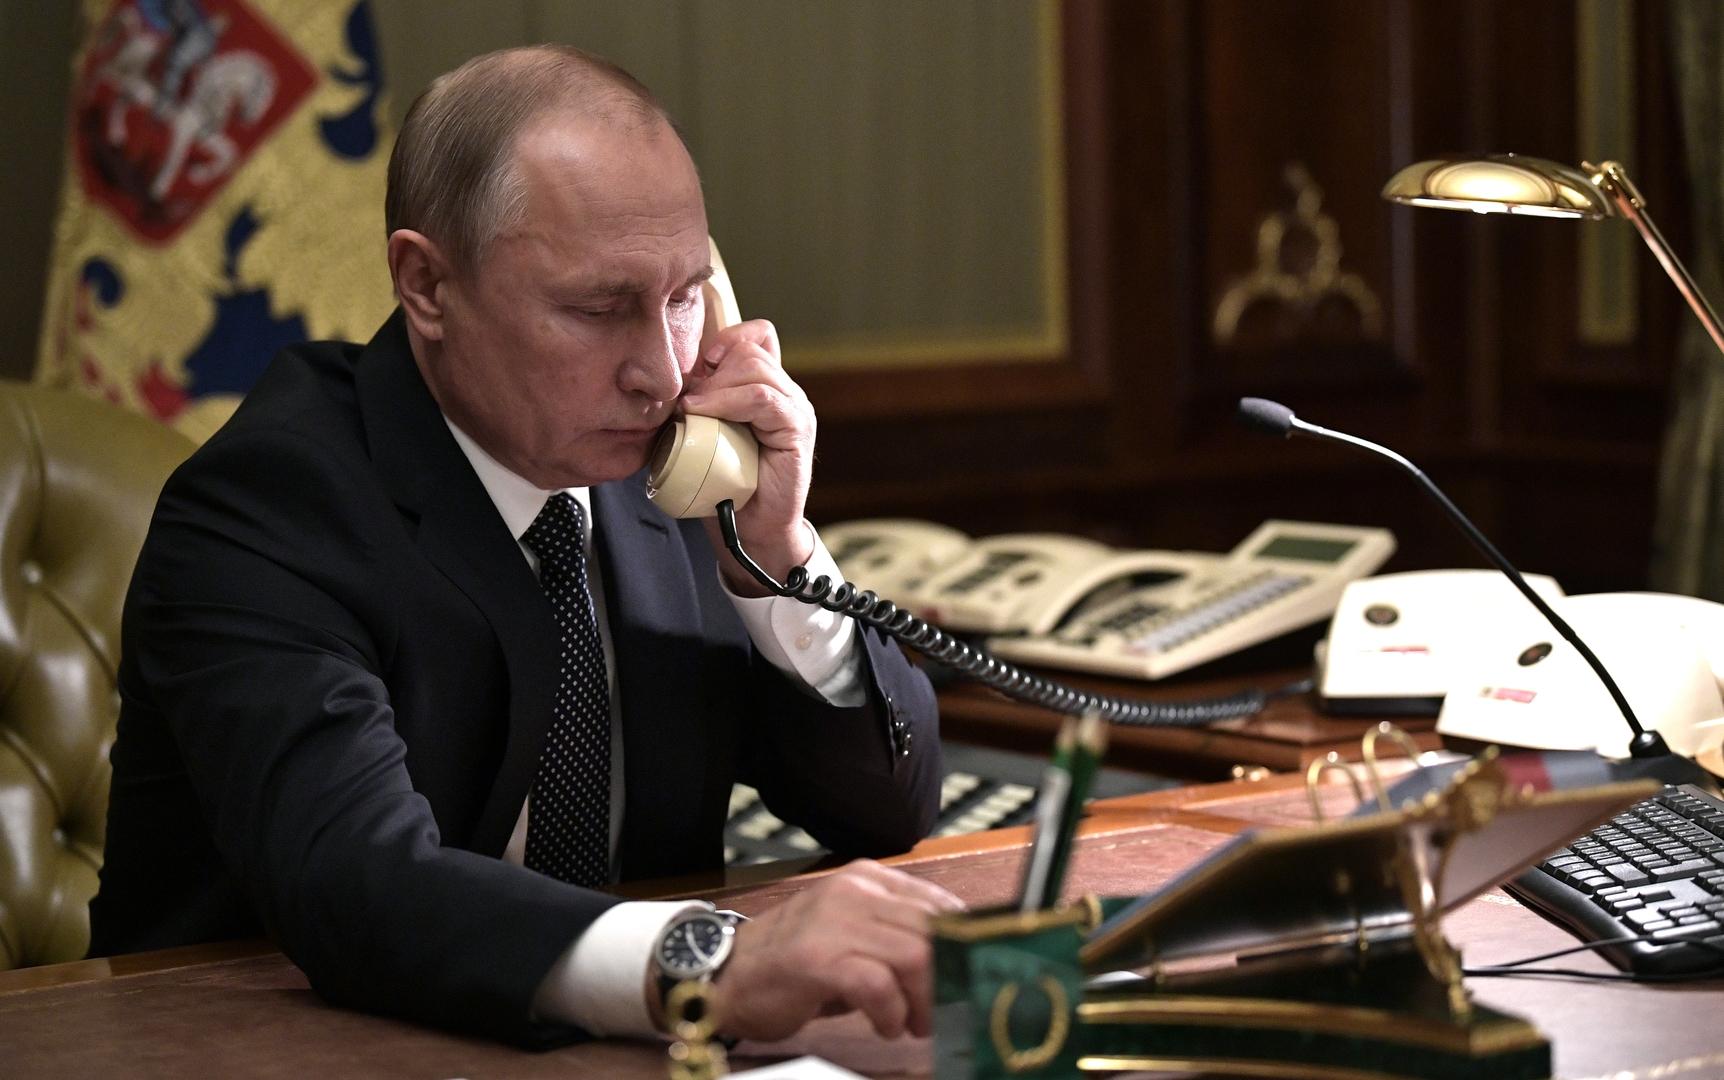 زعماء أجانب يهنئون بوتين بعيد ميلاده.. وملفات دولية ضمن الأجندة